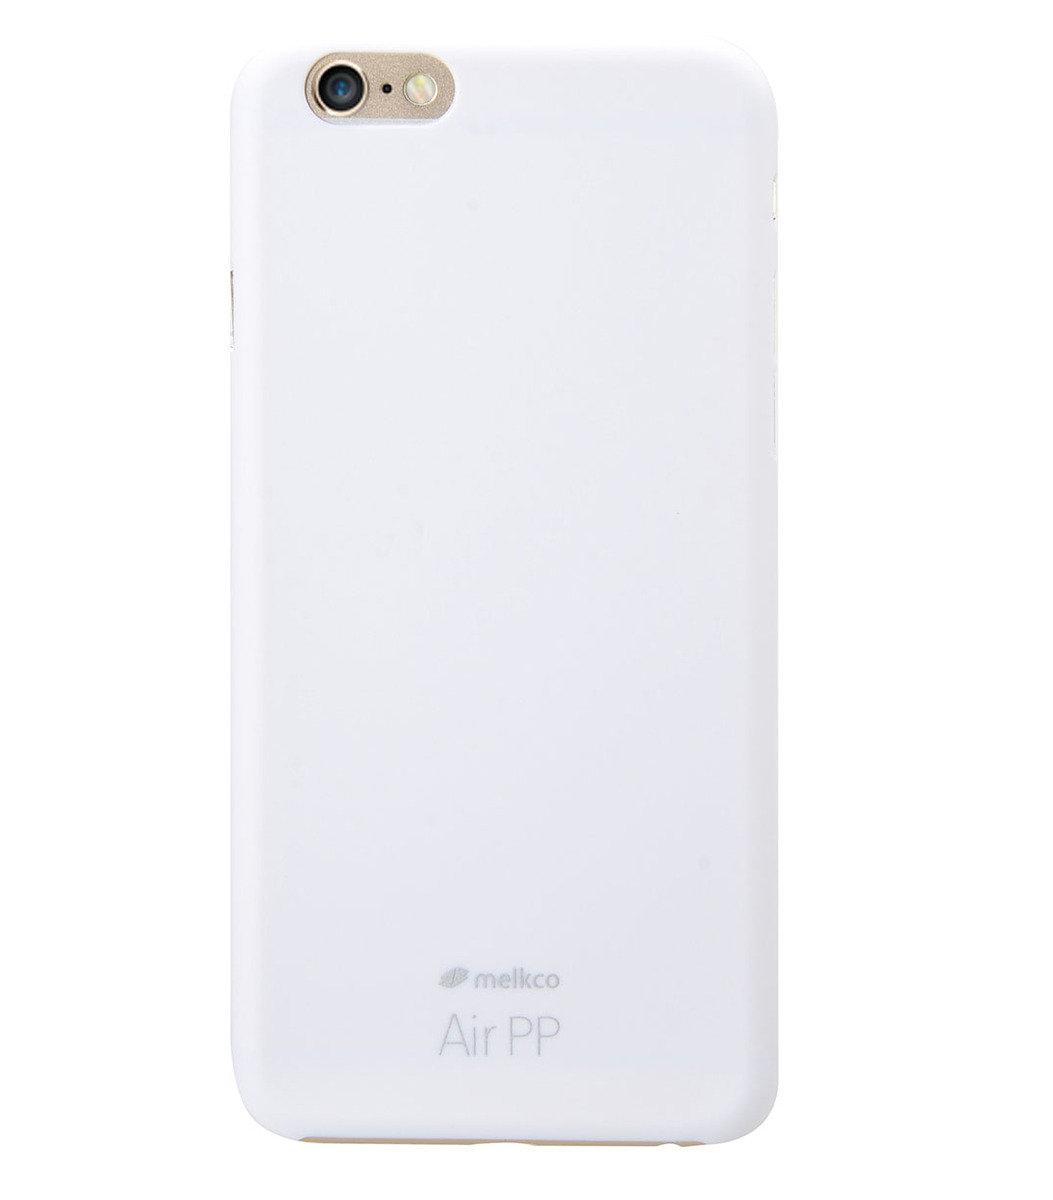 """iPhone 6 Plus (5.5"""") Air PP 超薄防刮殼 (白色) 附送屏幕保護膜"""